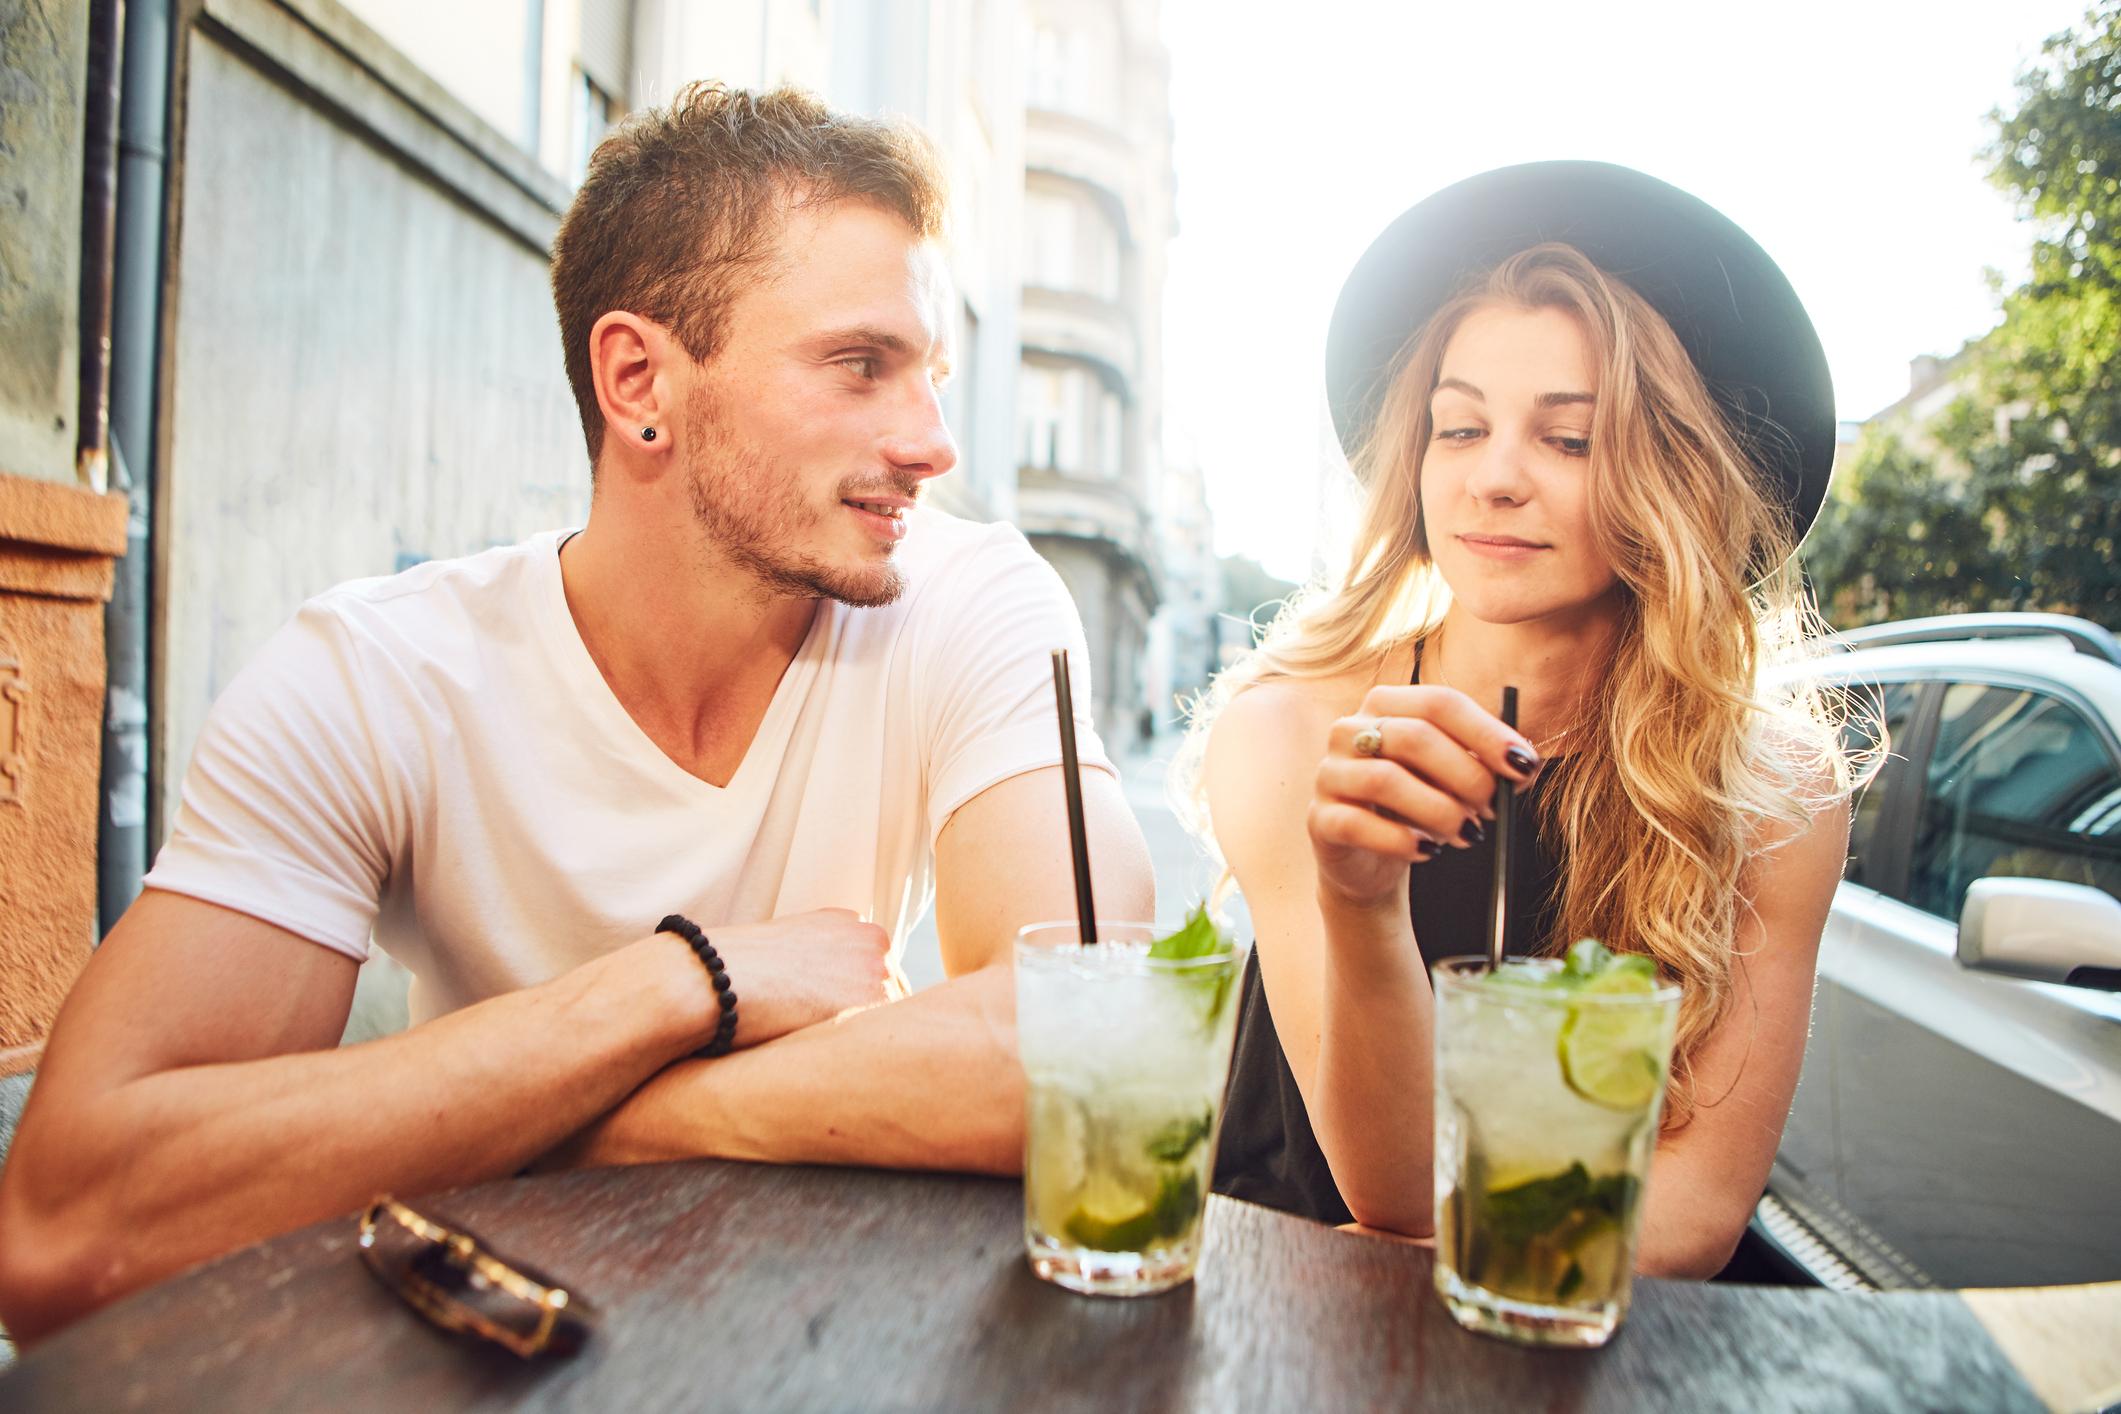 Hoe krijg je een meisje om met je praten op een dating site Dating websiteprofiel voorbeeld